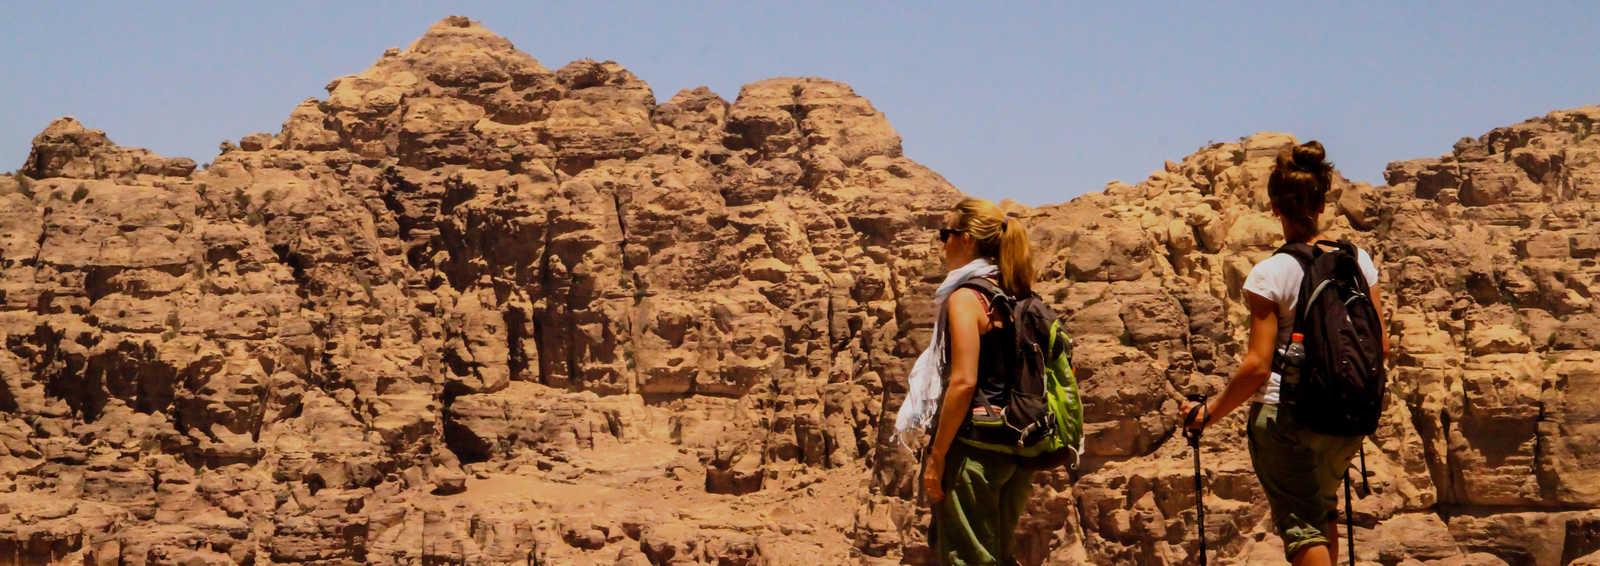 Group taking a breather in Wadi Rum, Jordan